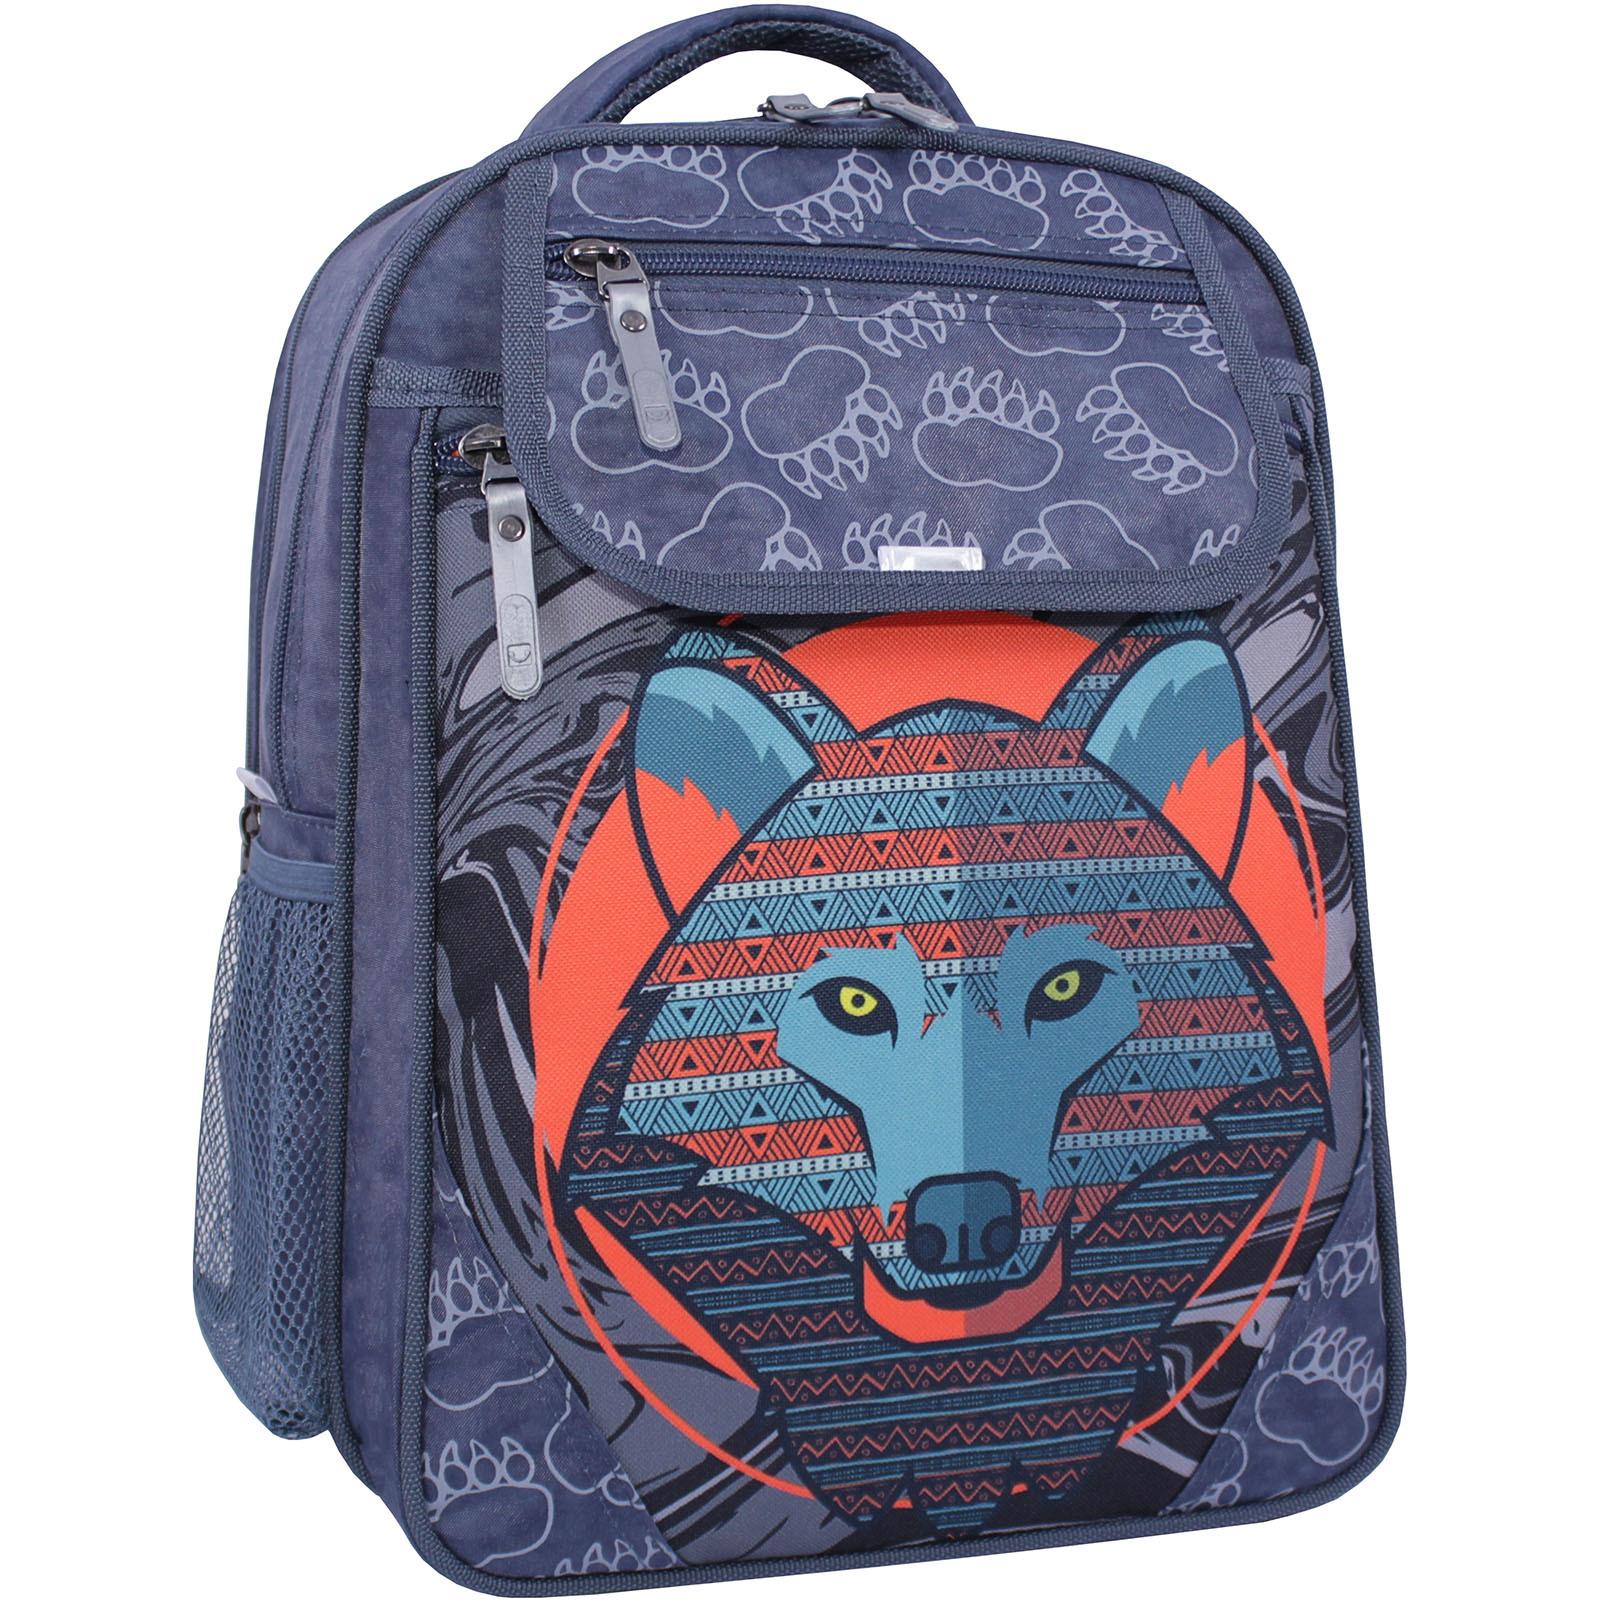 Рюкзак школьный Bagland Отличник 20 л. 321 серый 509 (0058070) фото 1